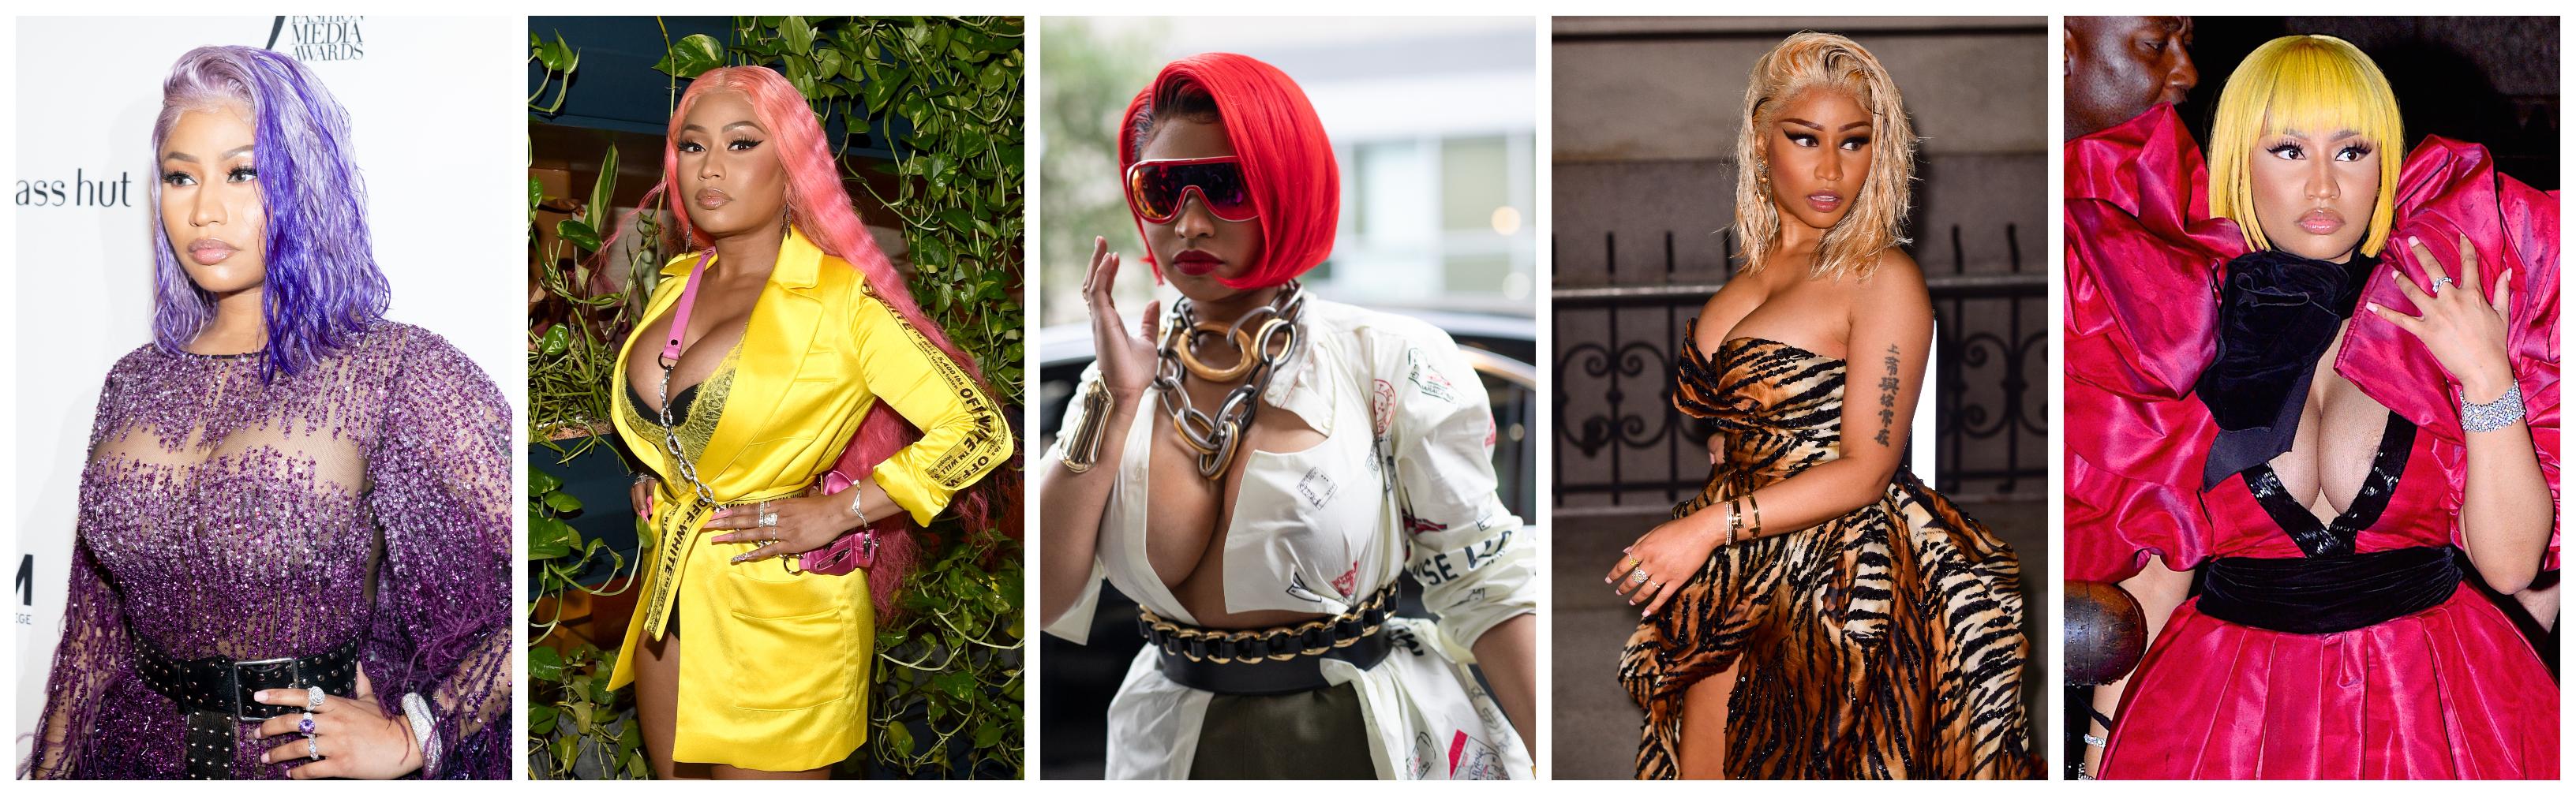 Nicki Minaj NYFW Hairstyles Collage (5)